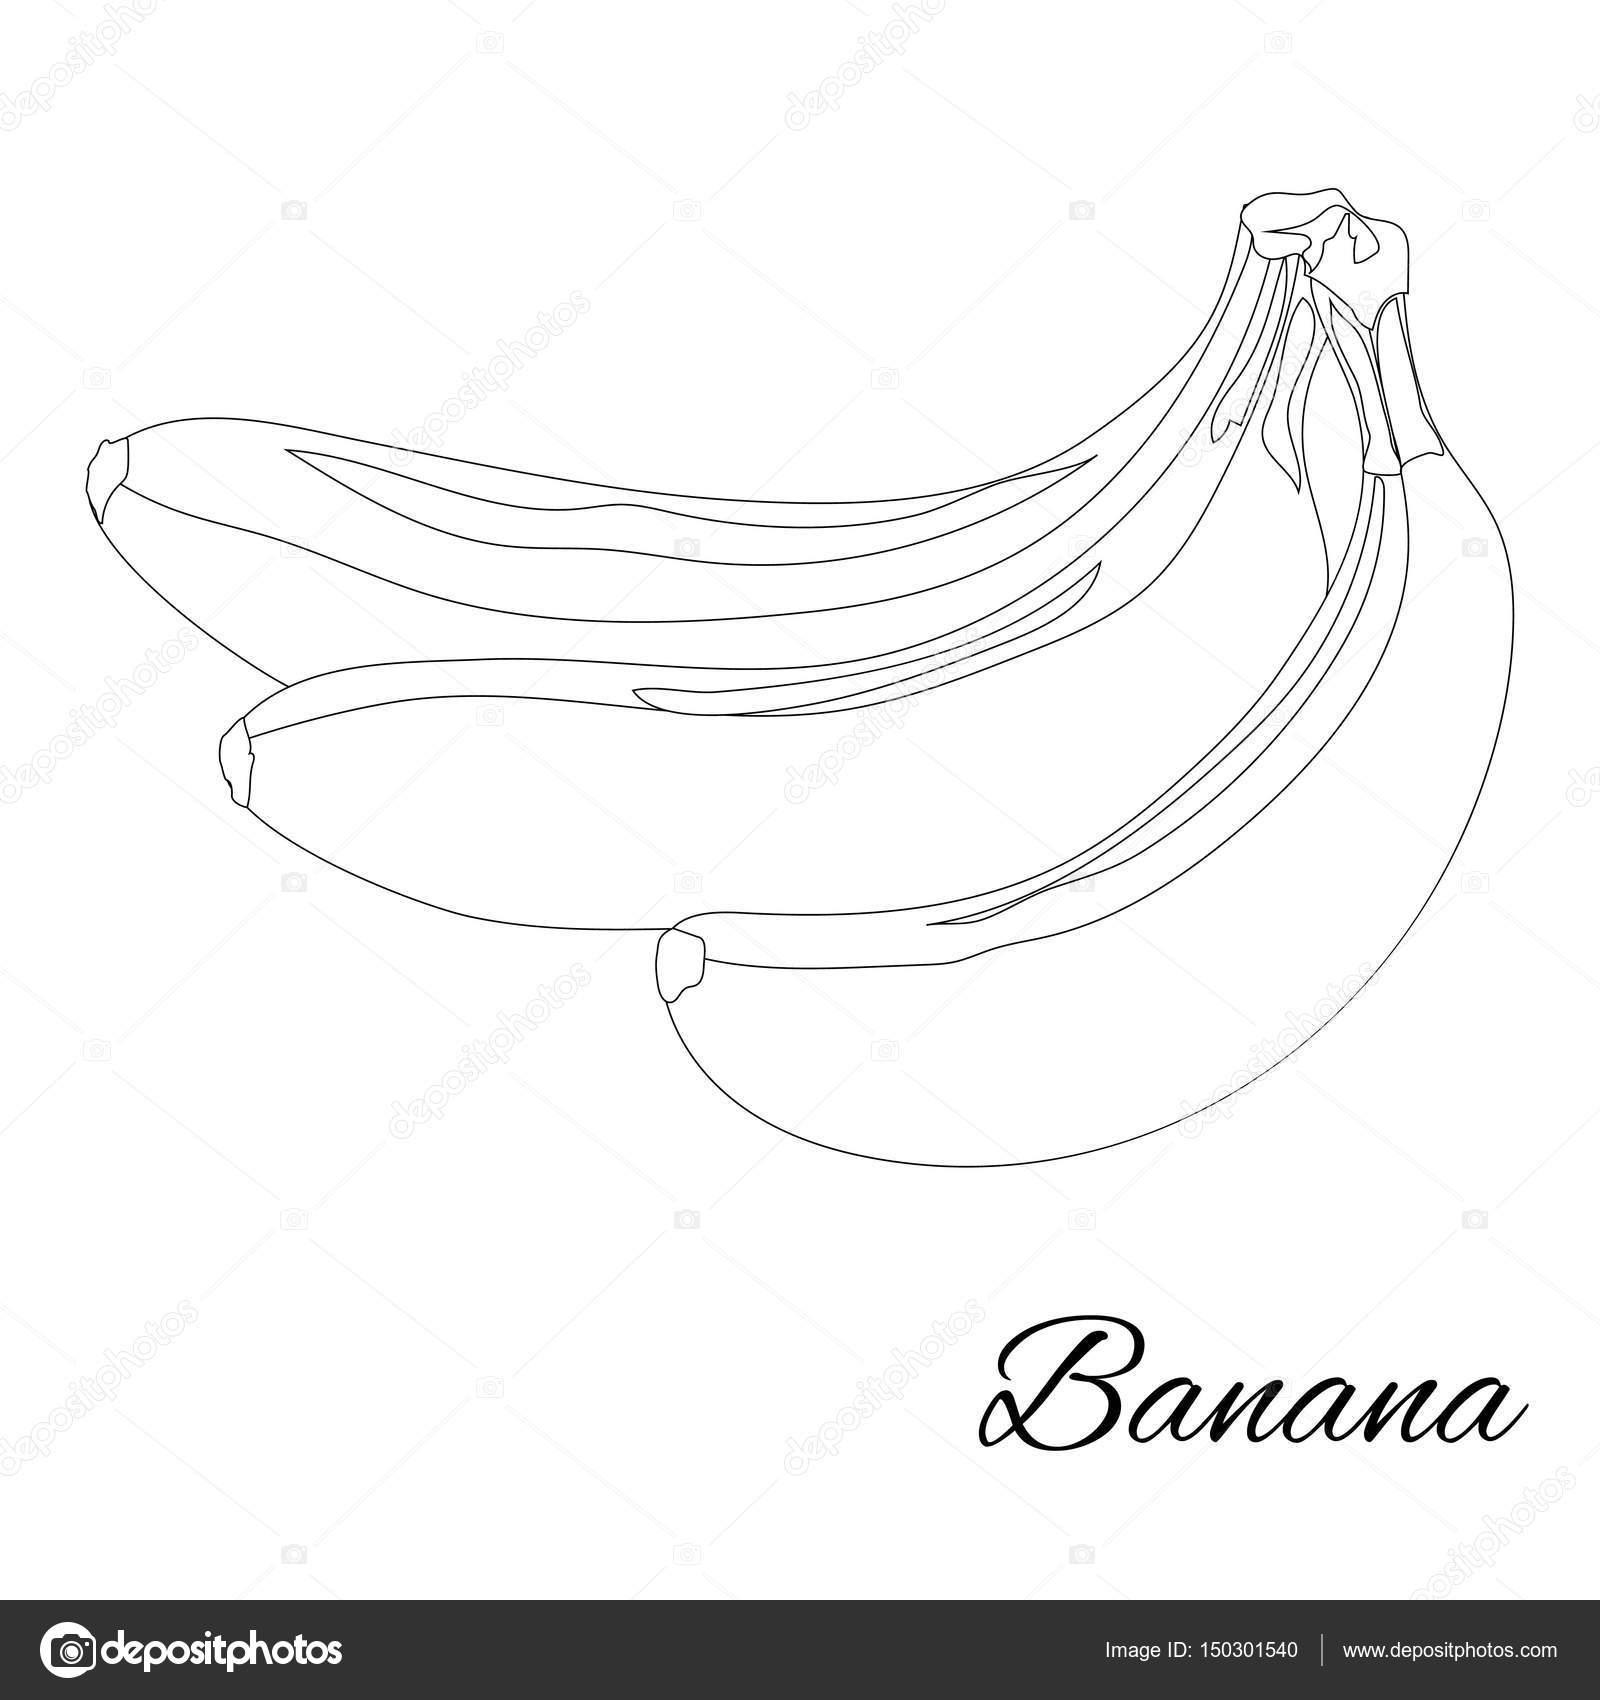 Muz Sayfa Boyama Kitabı Için Doodle Tasarım Meyve Vektör Hastası